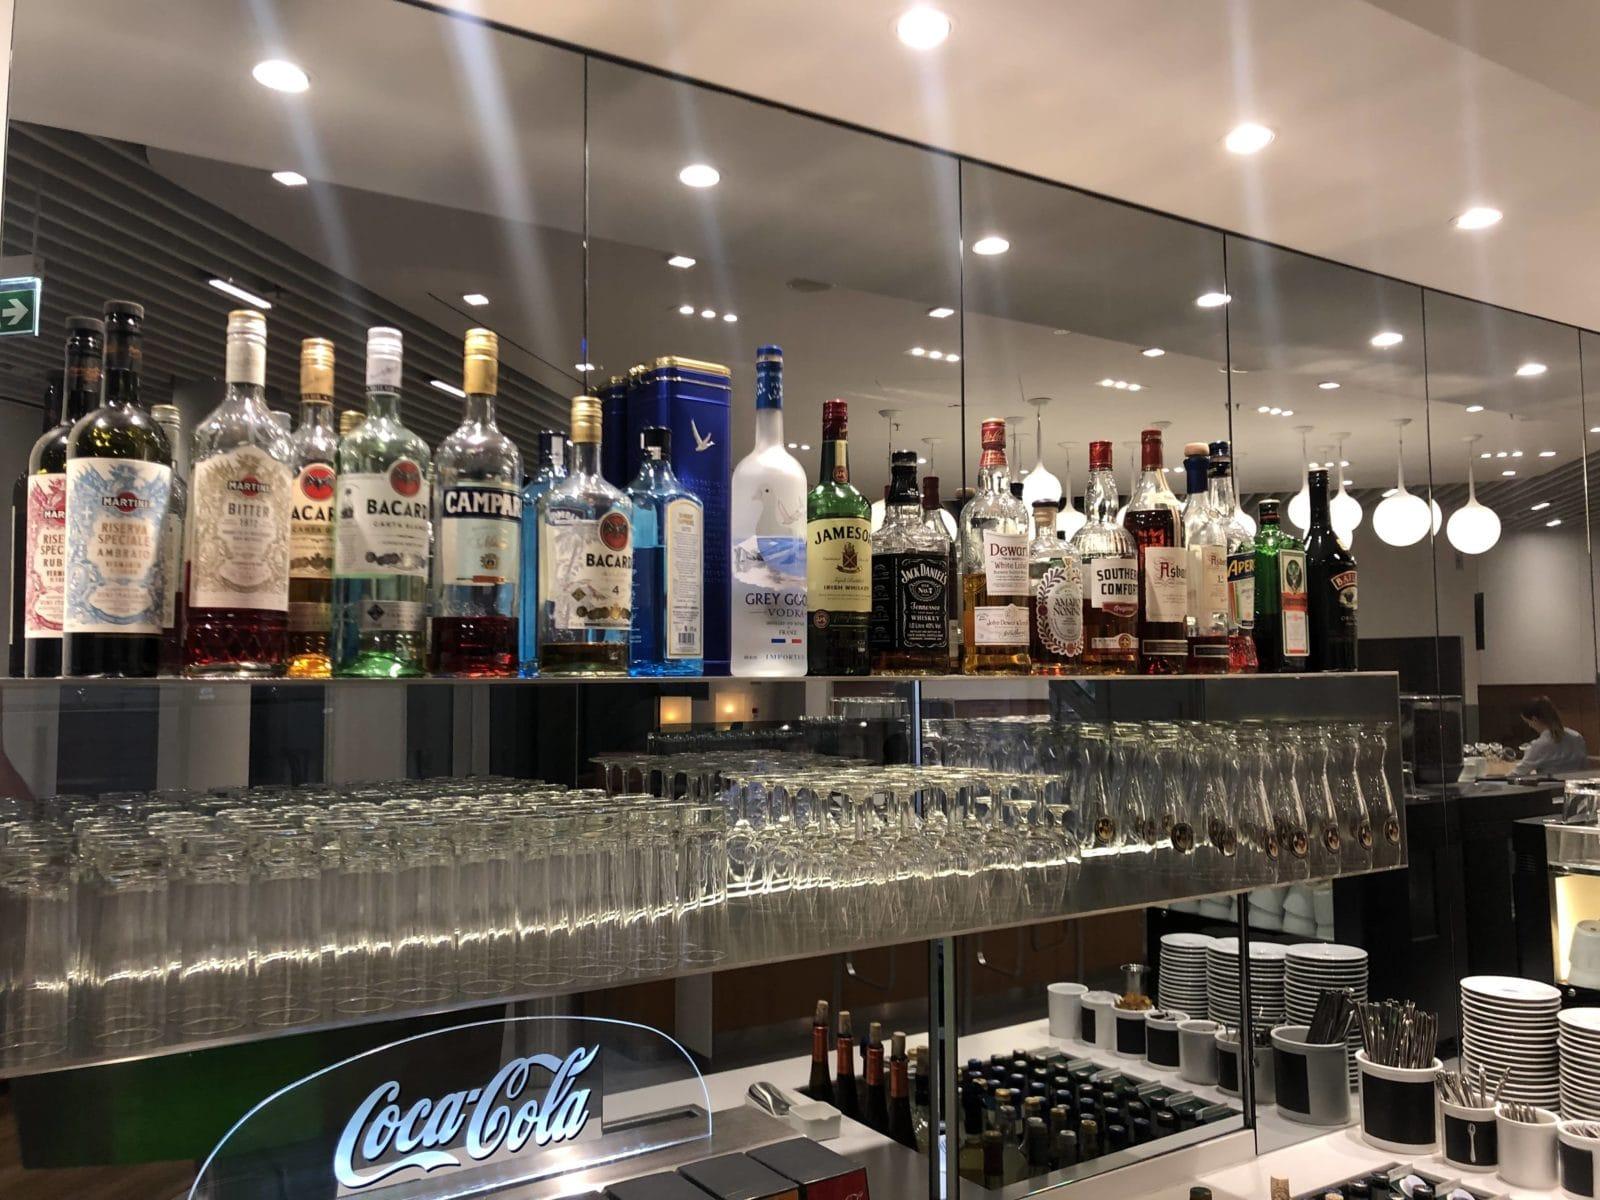 lufthansa senator lounge muenchen satellit schengen hochprozentiger alkohol